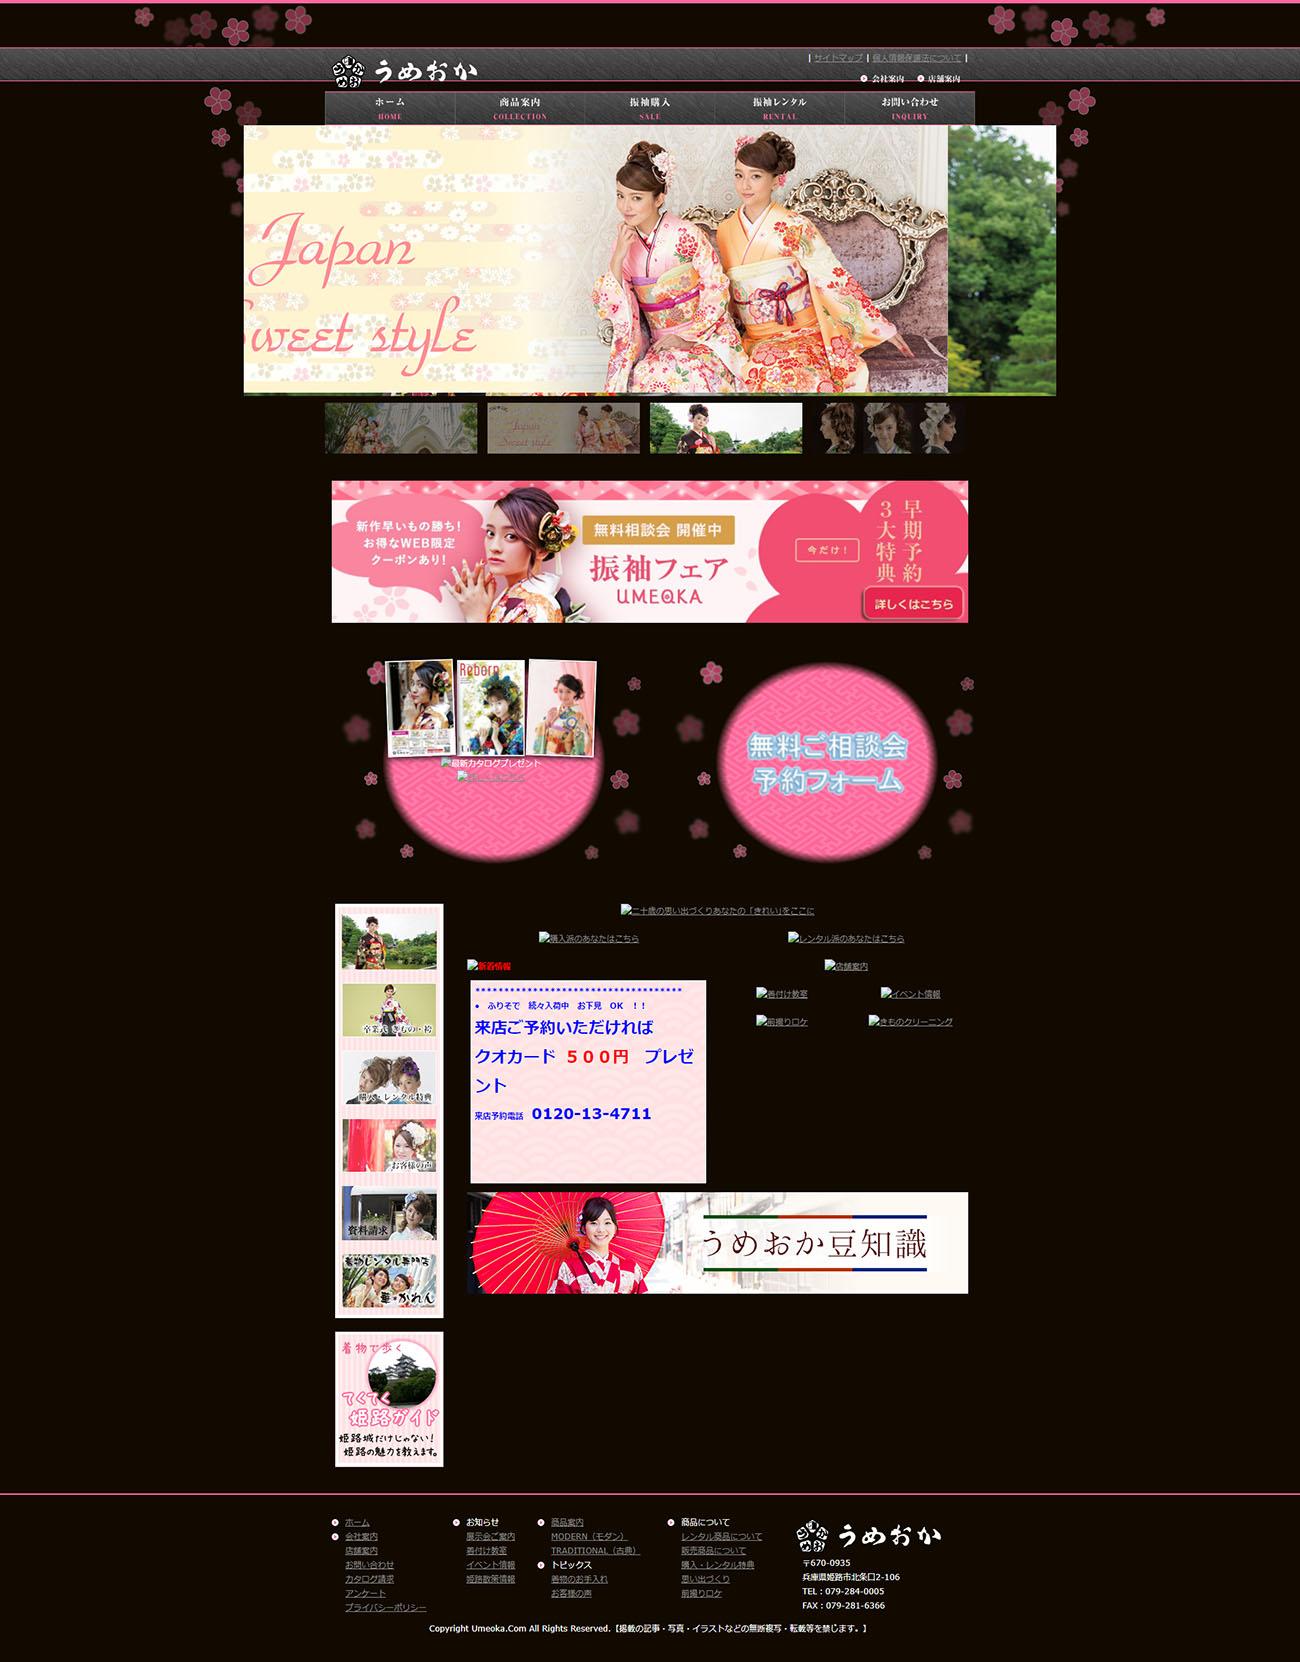 旧サイト:梅岡株式会社 ホームページ制作